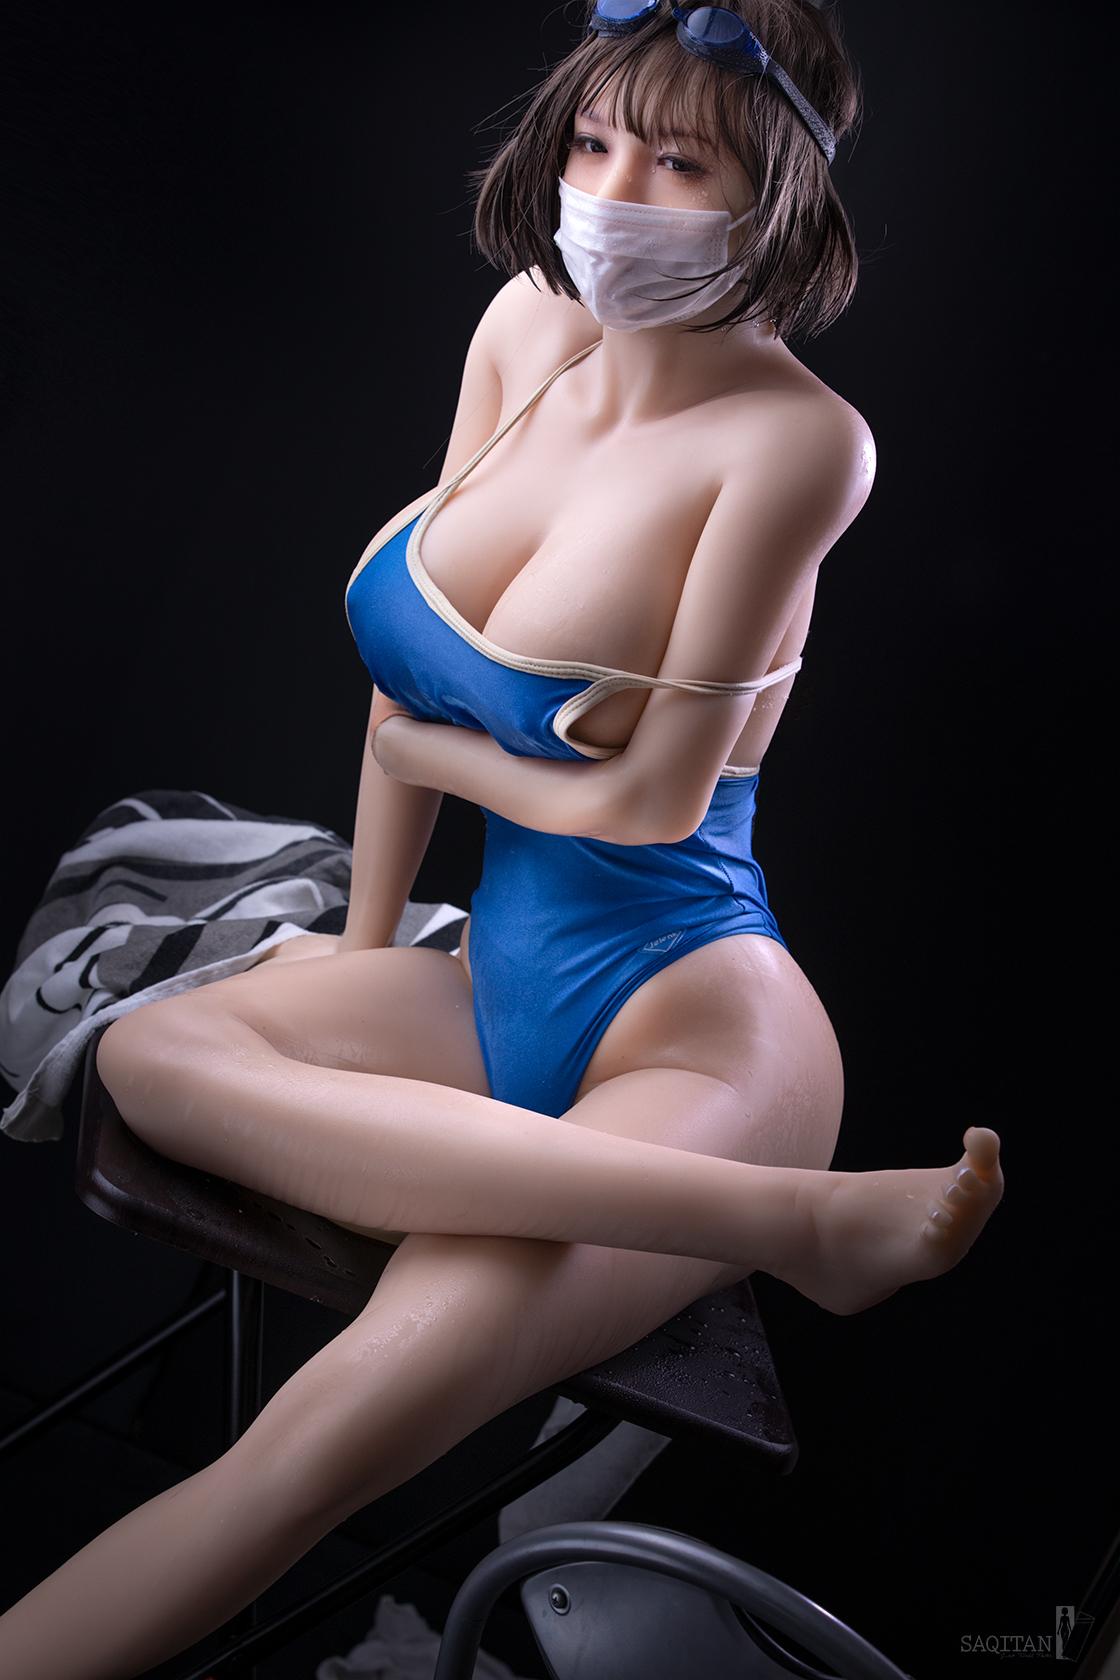 日本摄影师《情趣娃娃写真集》比真人还好随意摆布